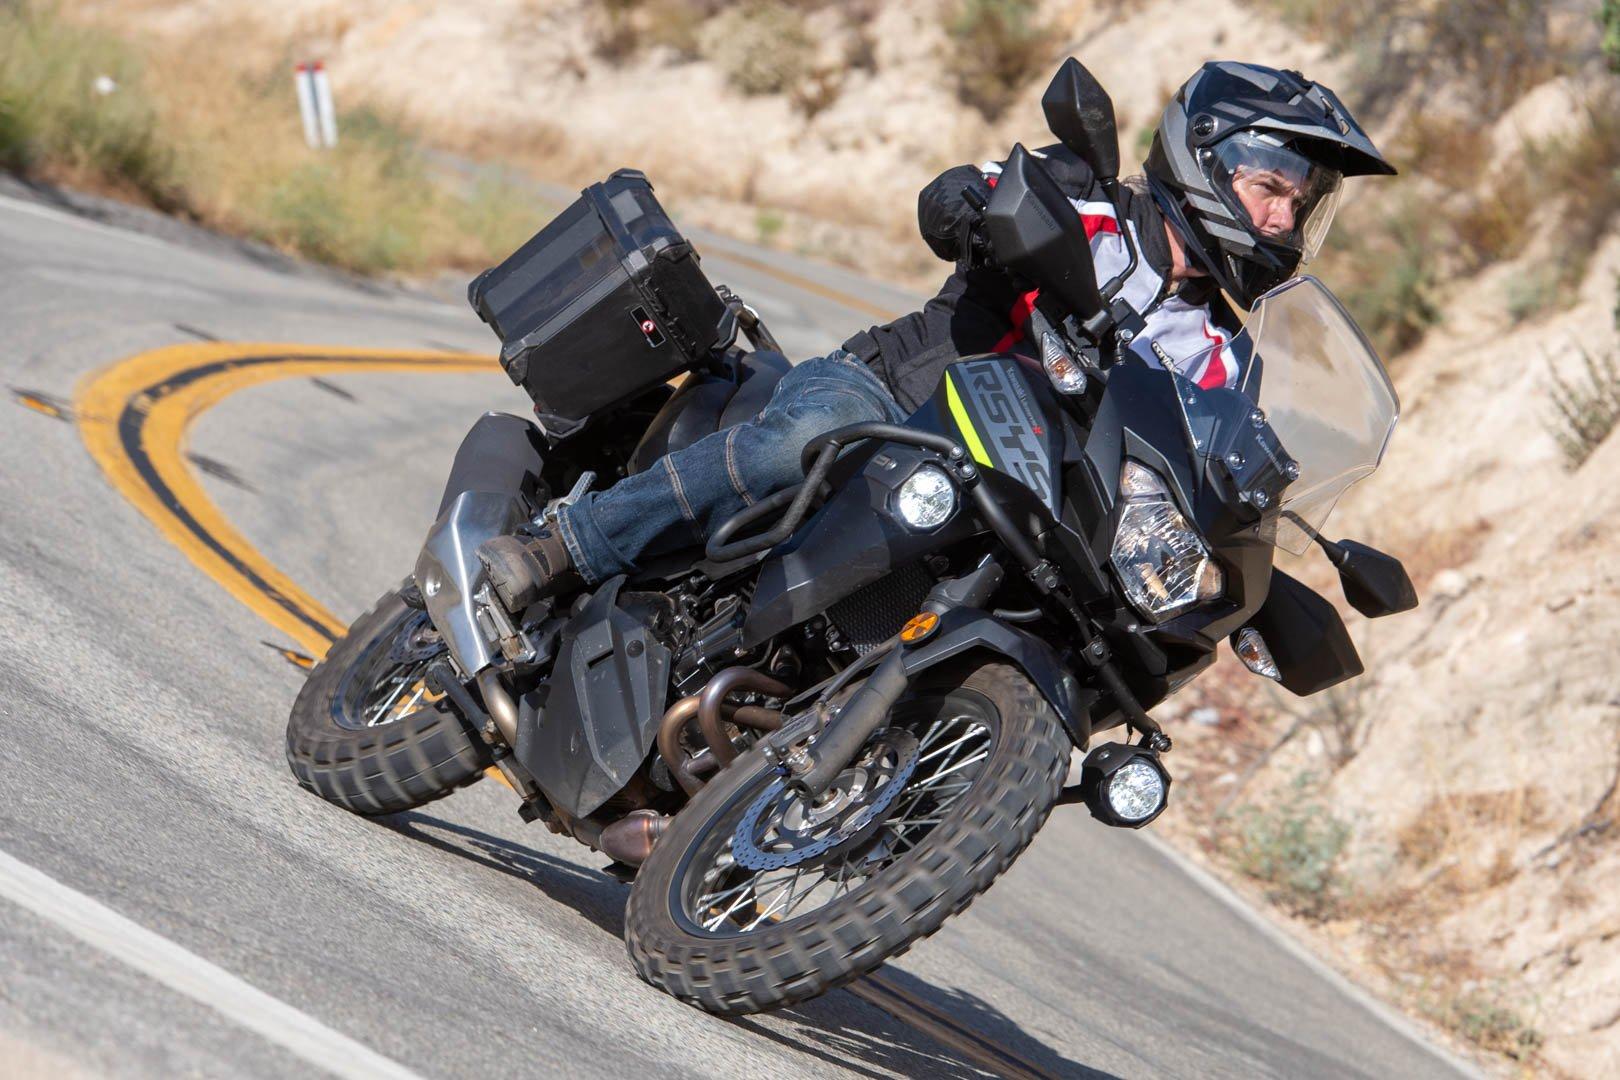 2019 Kawasaki Versys-X 300 accessories